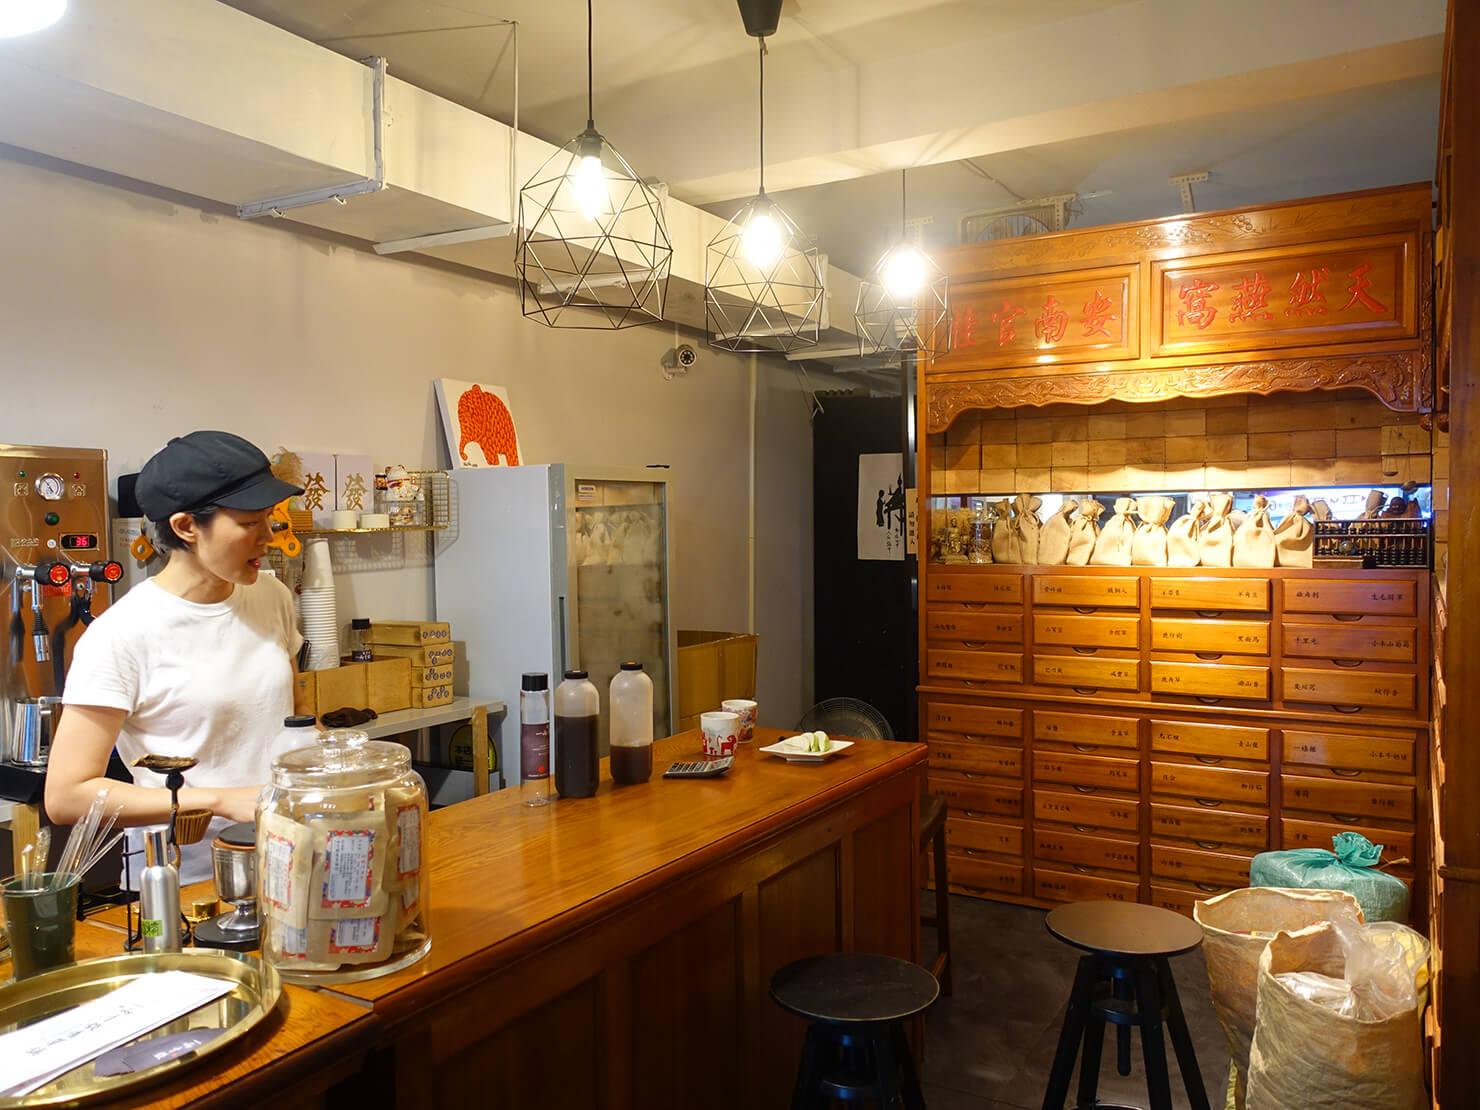 台北・臨江街夜市のおすすめグルメ店「一兩十錢青草舖」の店内